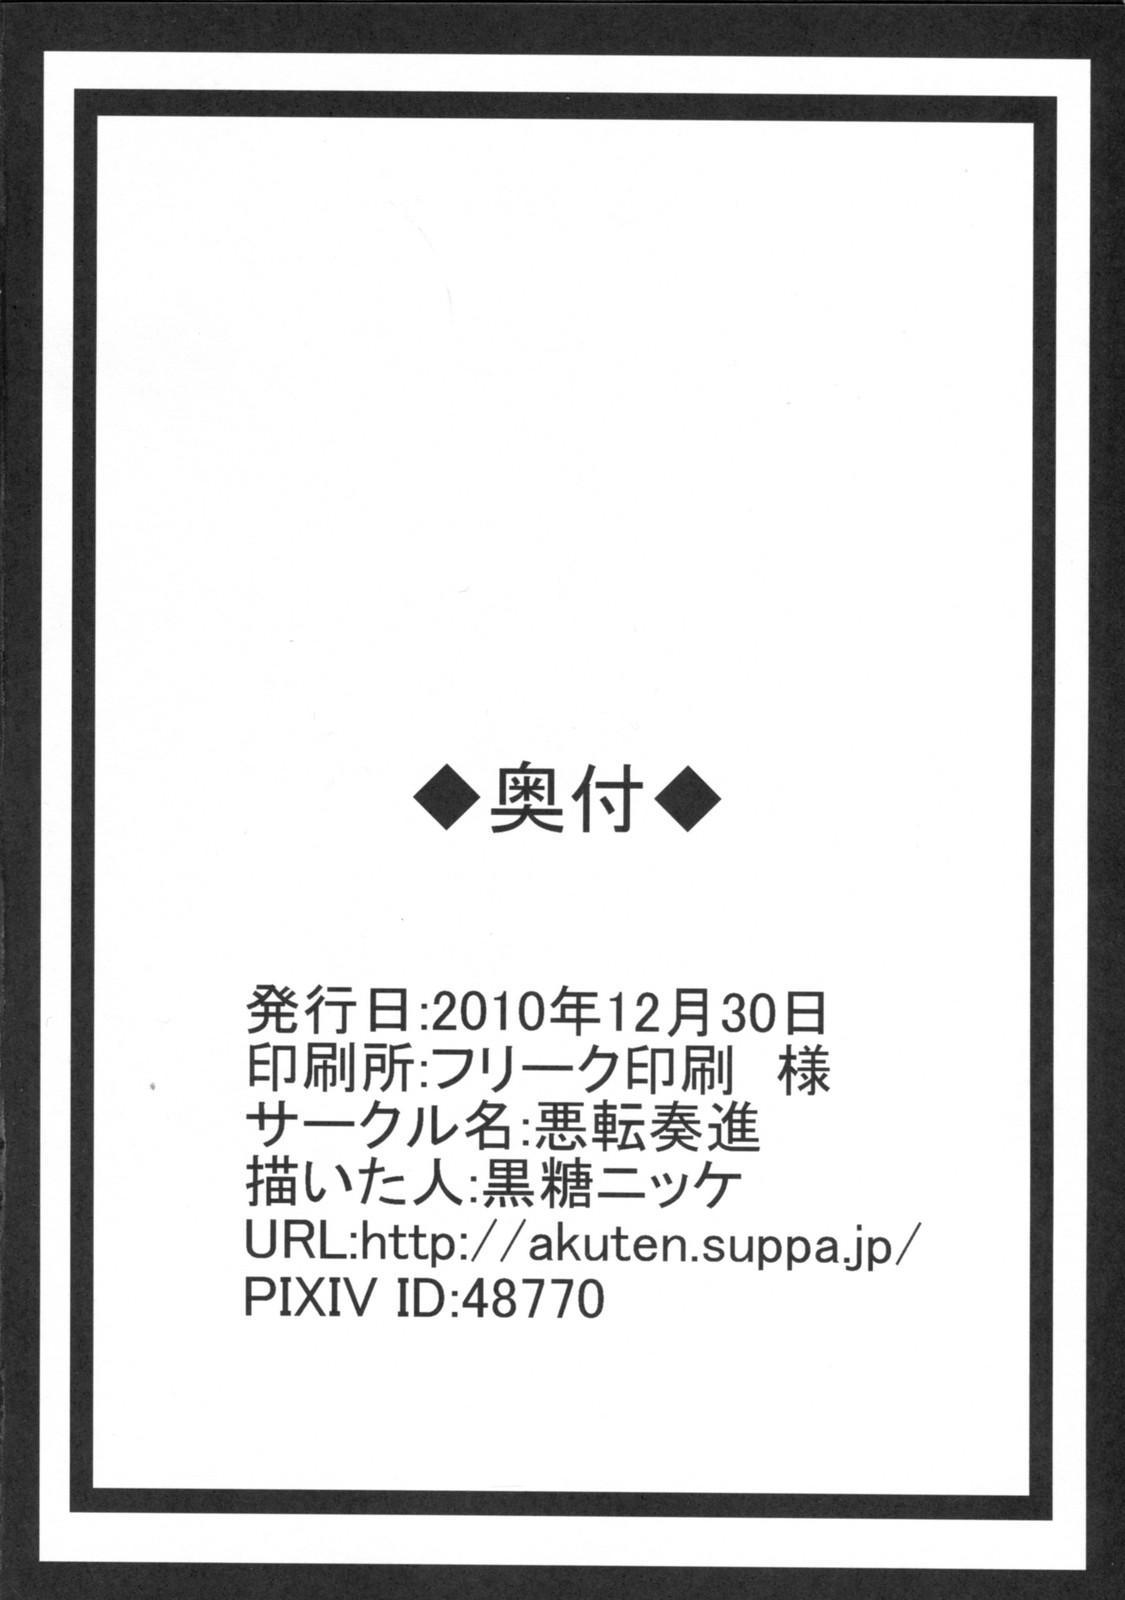 Youkai ni Haramasareta Sanae-san wo Hitasura Shokushu de Naburi Mawasu Moriya Jinja 24